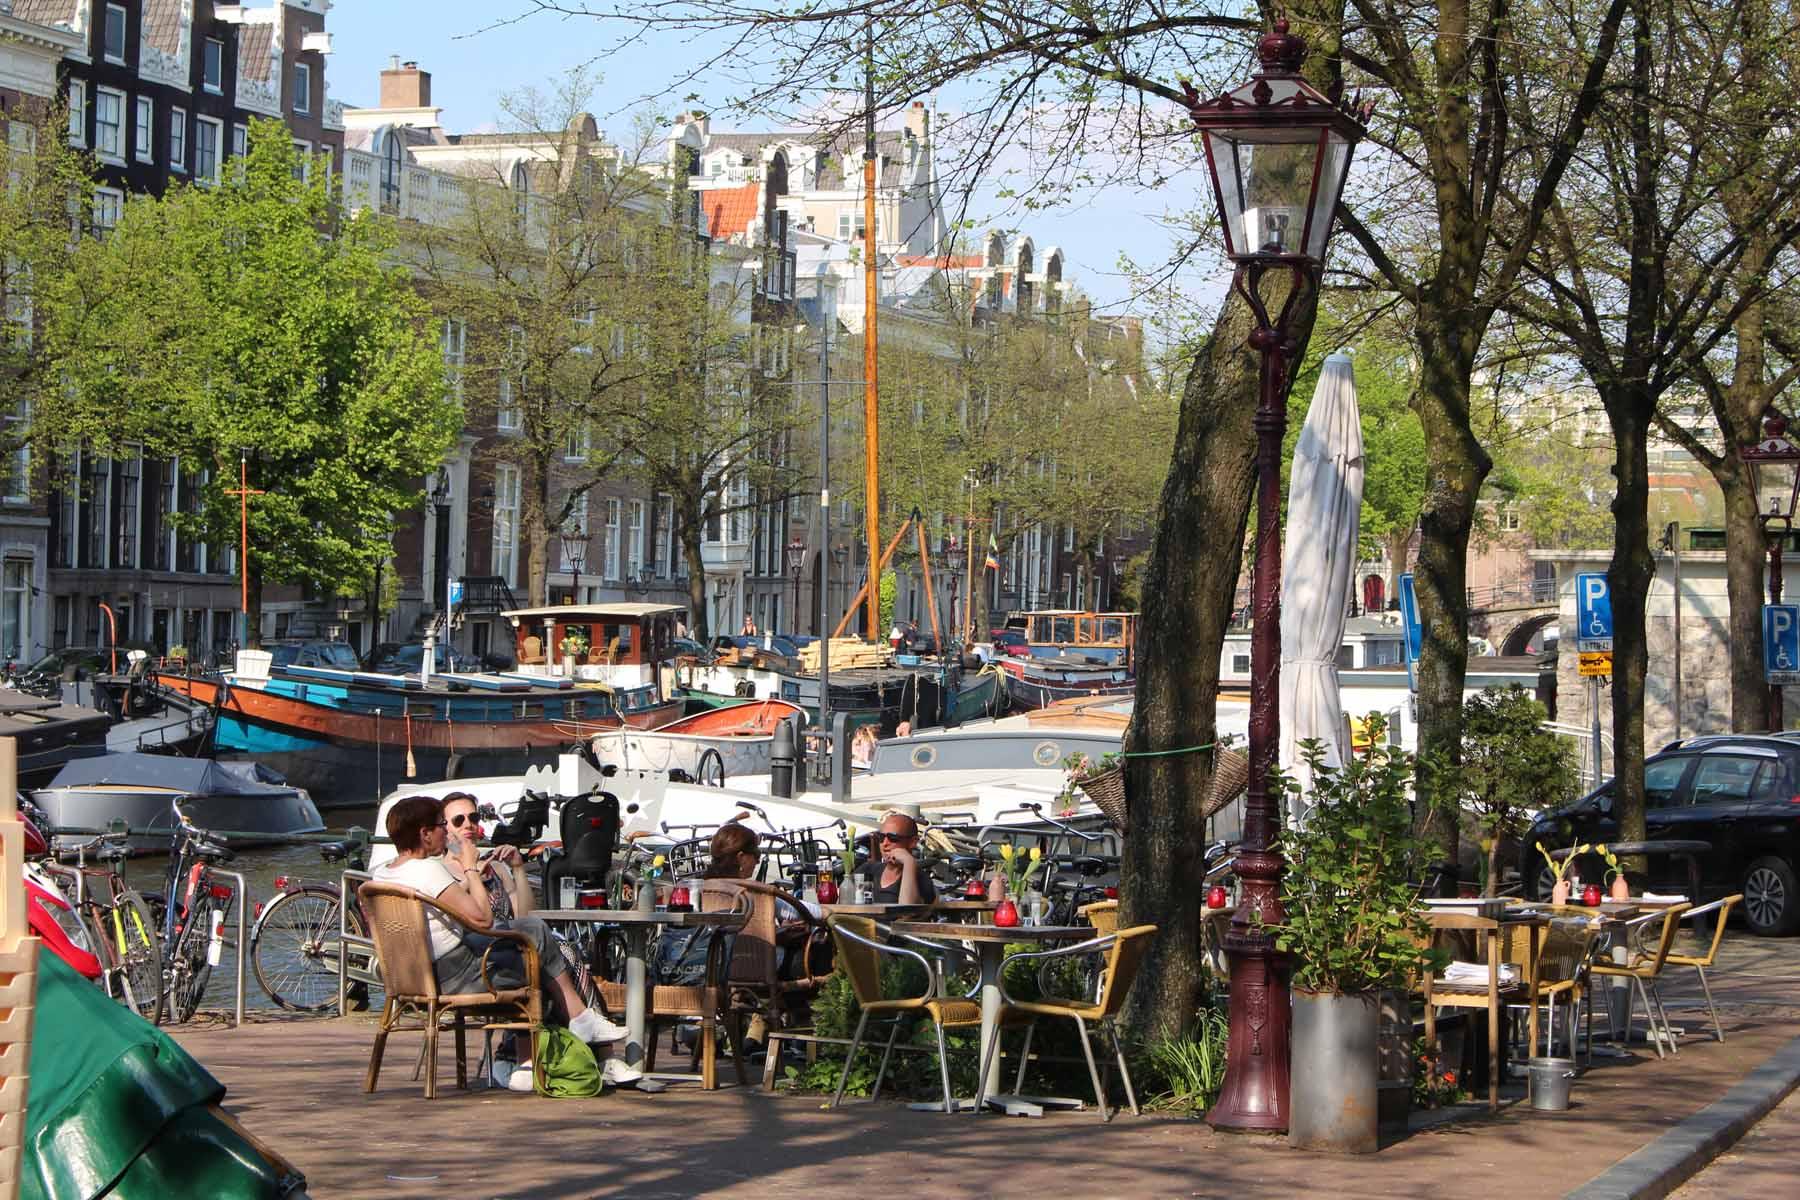 Amsterdam crossroads utrechtseegracht herengracht for Herengracht amsterdam